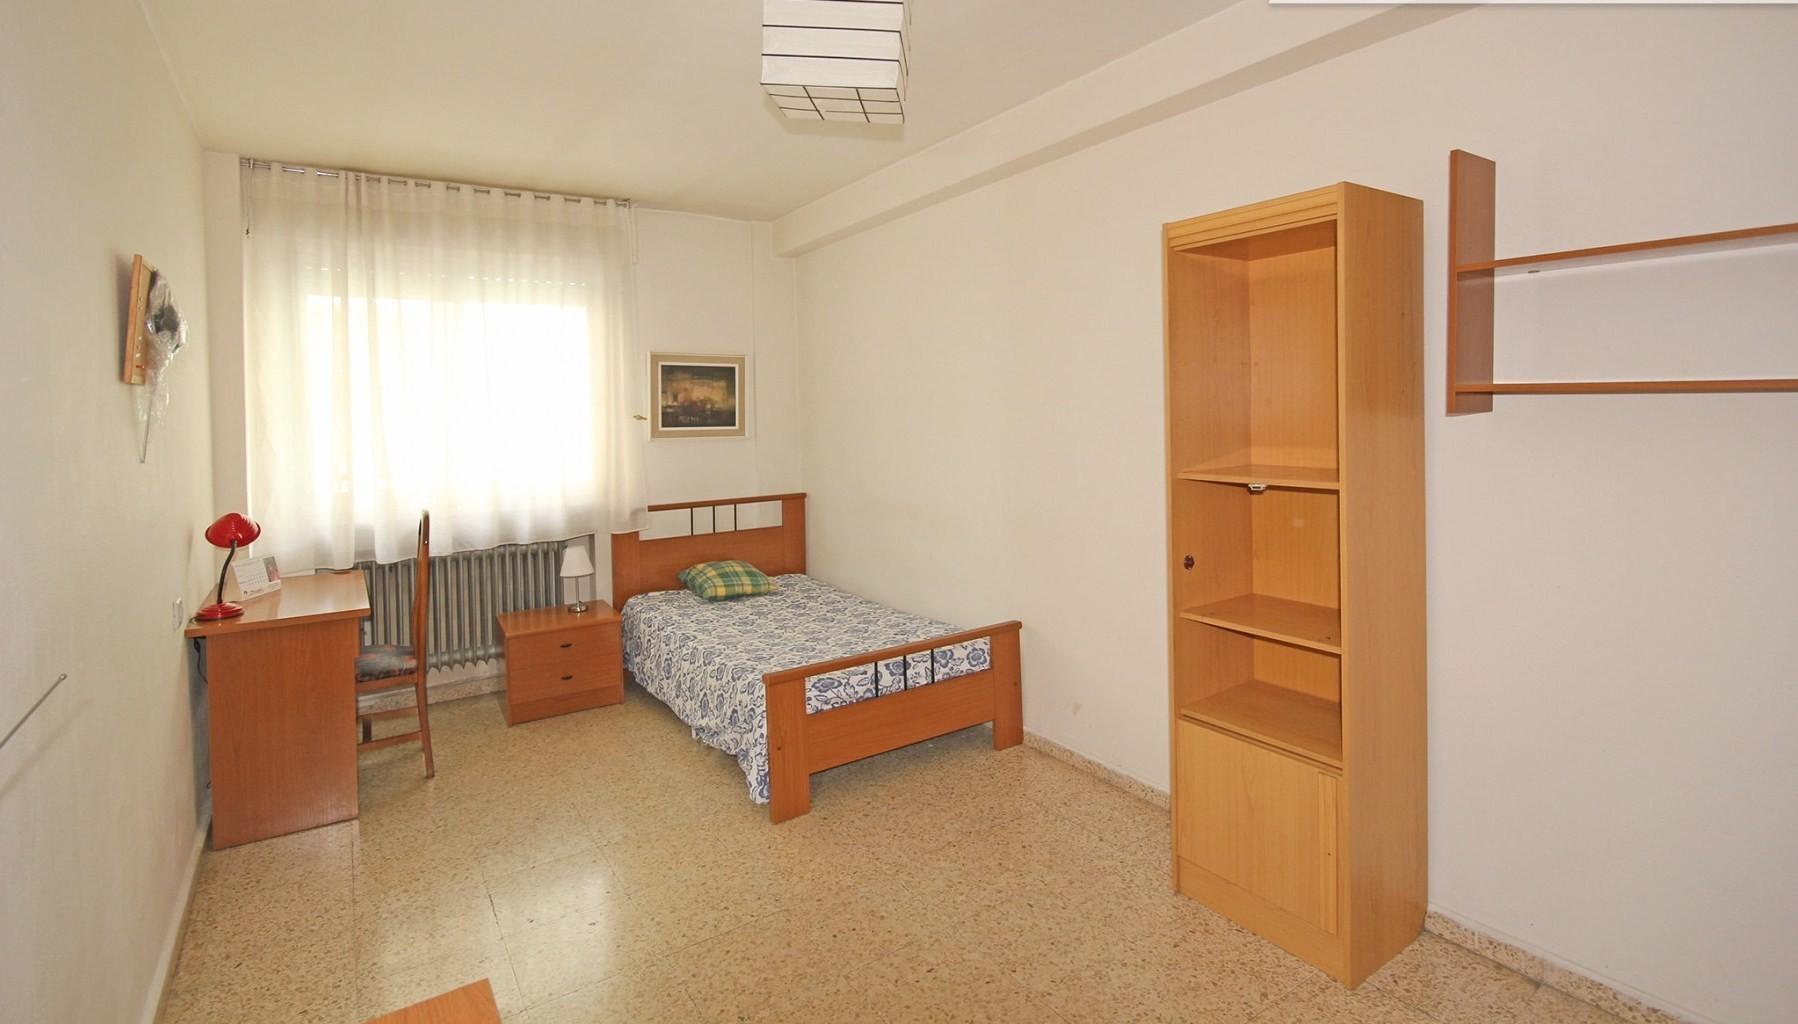 Habitaci n en piso estudiantes febrero 17 alquiler habitaciones salamanca - Habitacion para estudiantes en madrid ...